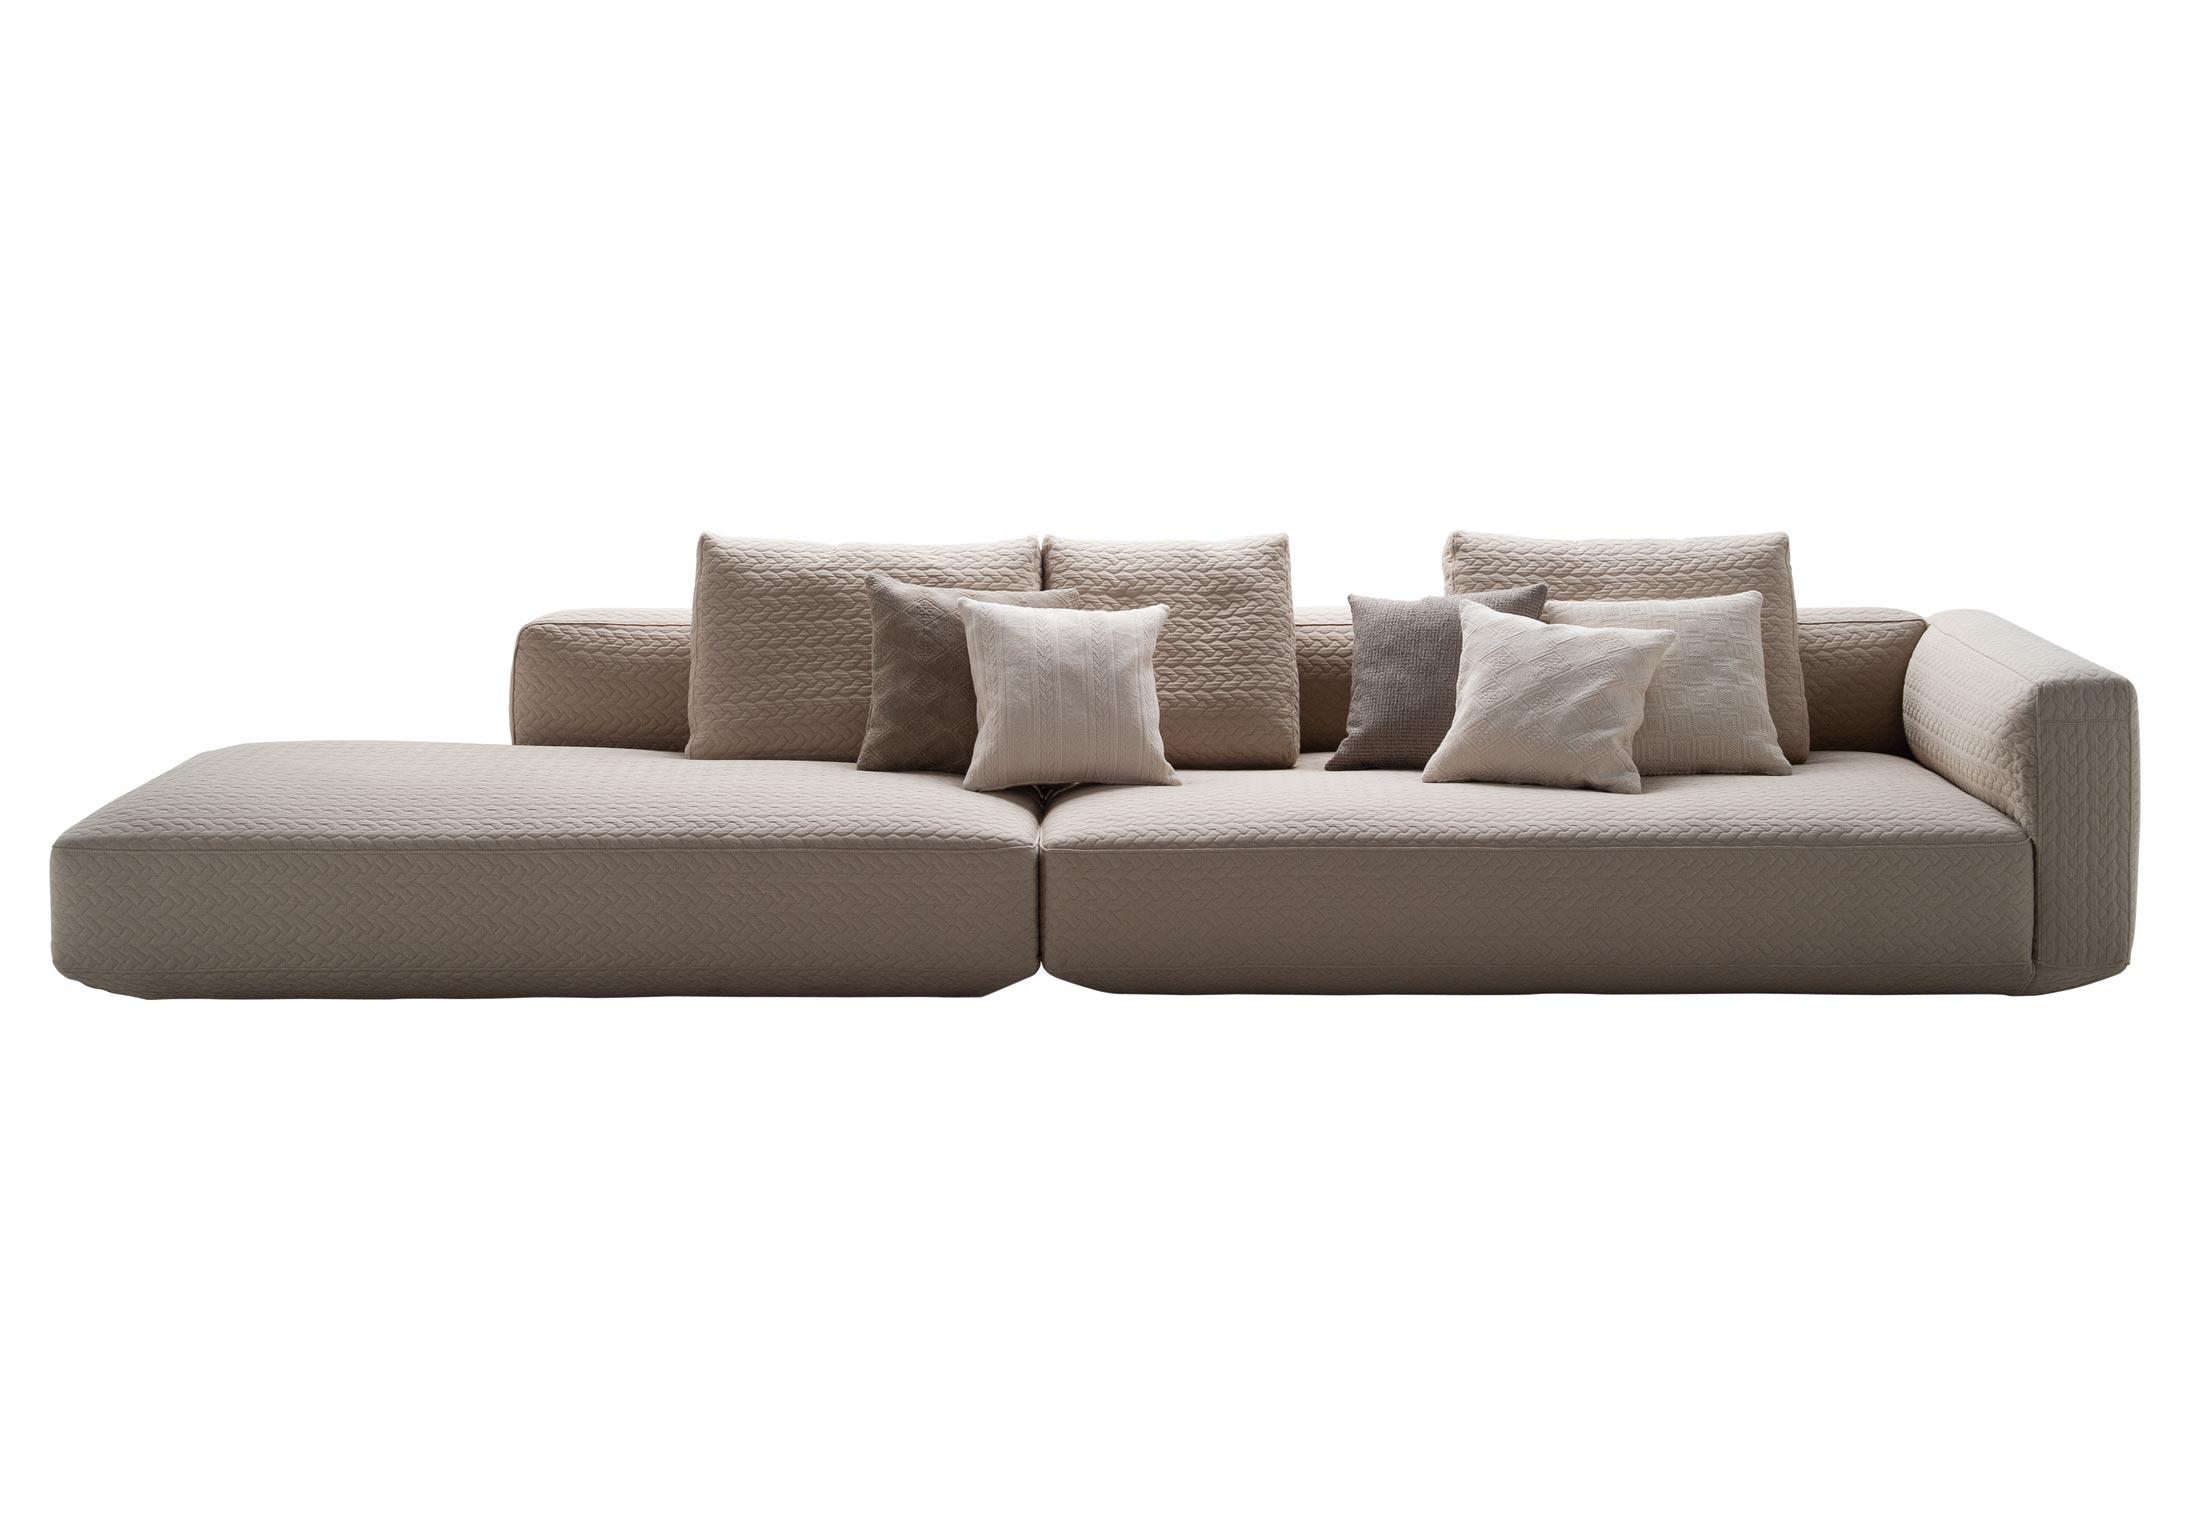 Altopiano di zanotta divani e poltrone arredamento for Zanotti arredamenti